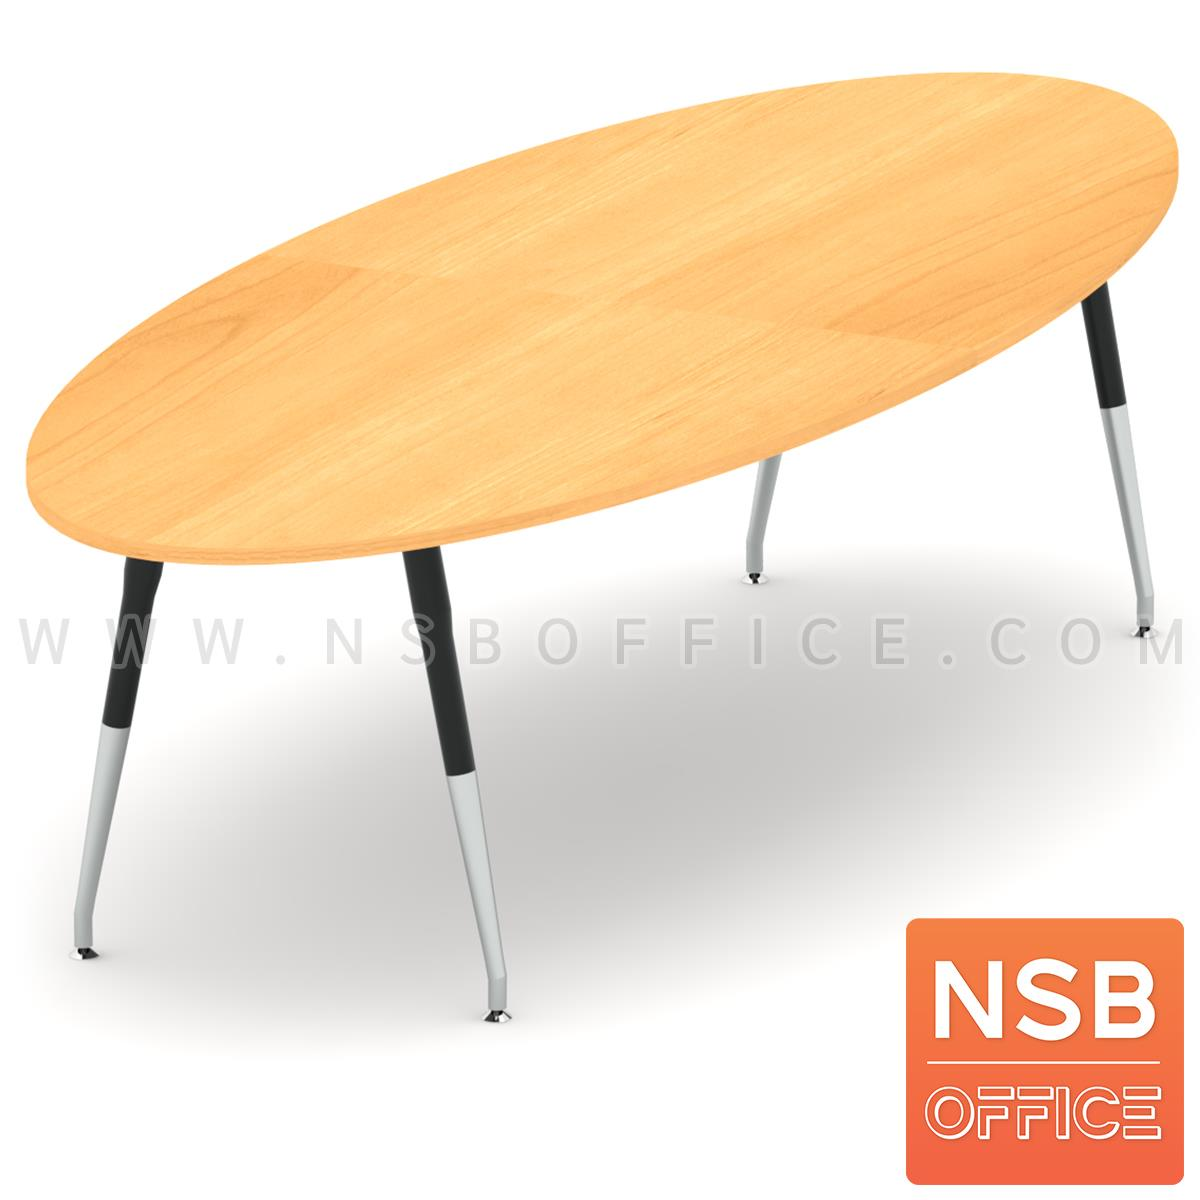 โต๊ะประชุมทรงวงรี รุ่น Malik (มาลิค) ขนาด 300W cm. ขาเหล็กปลายเรียว